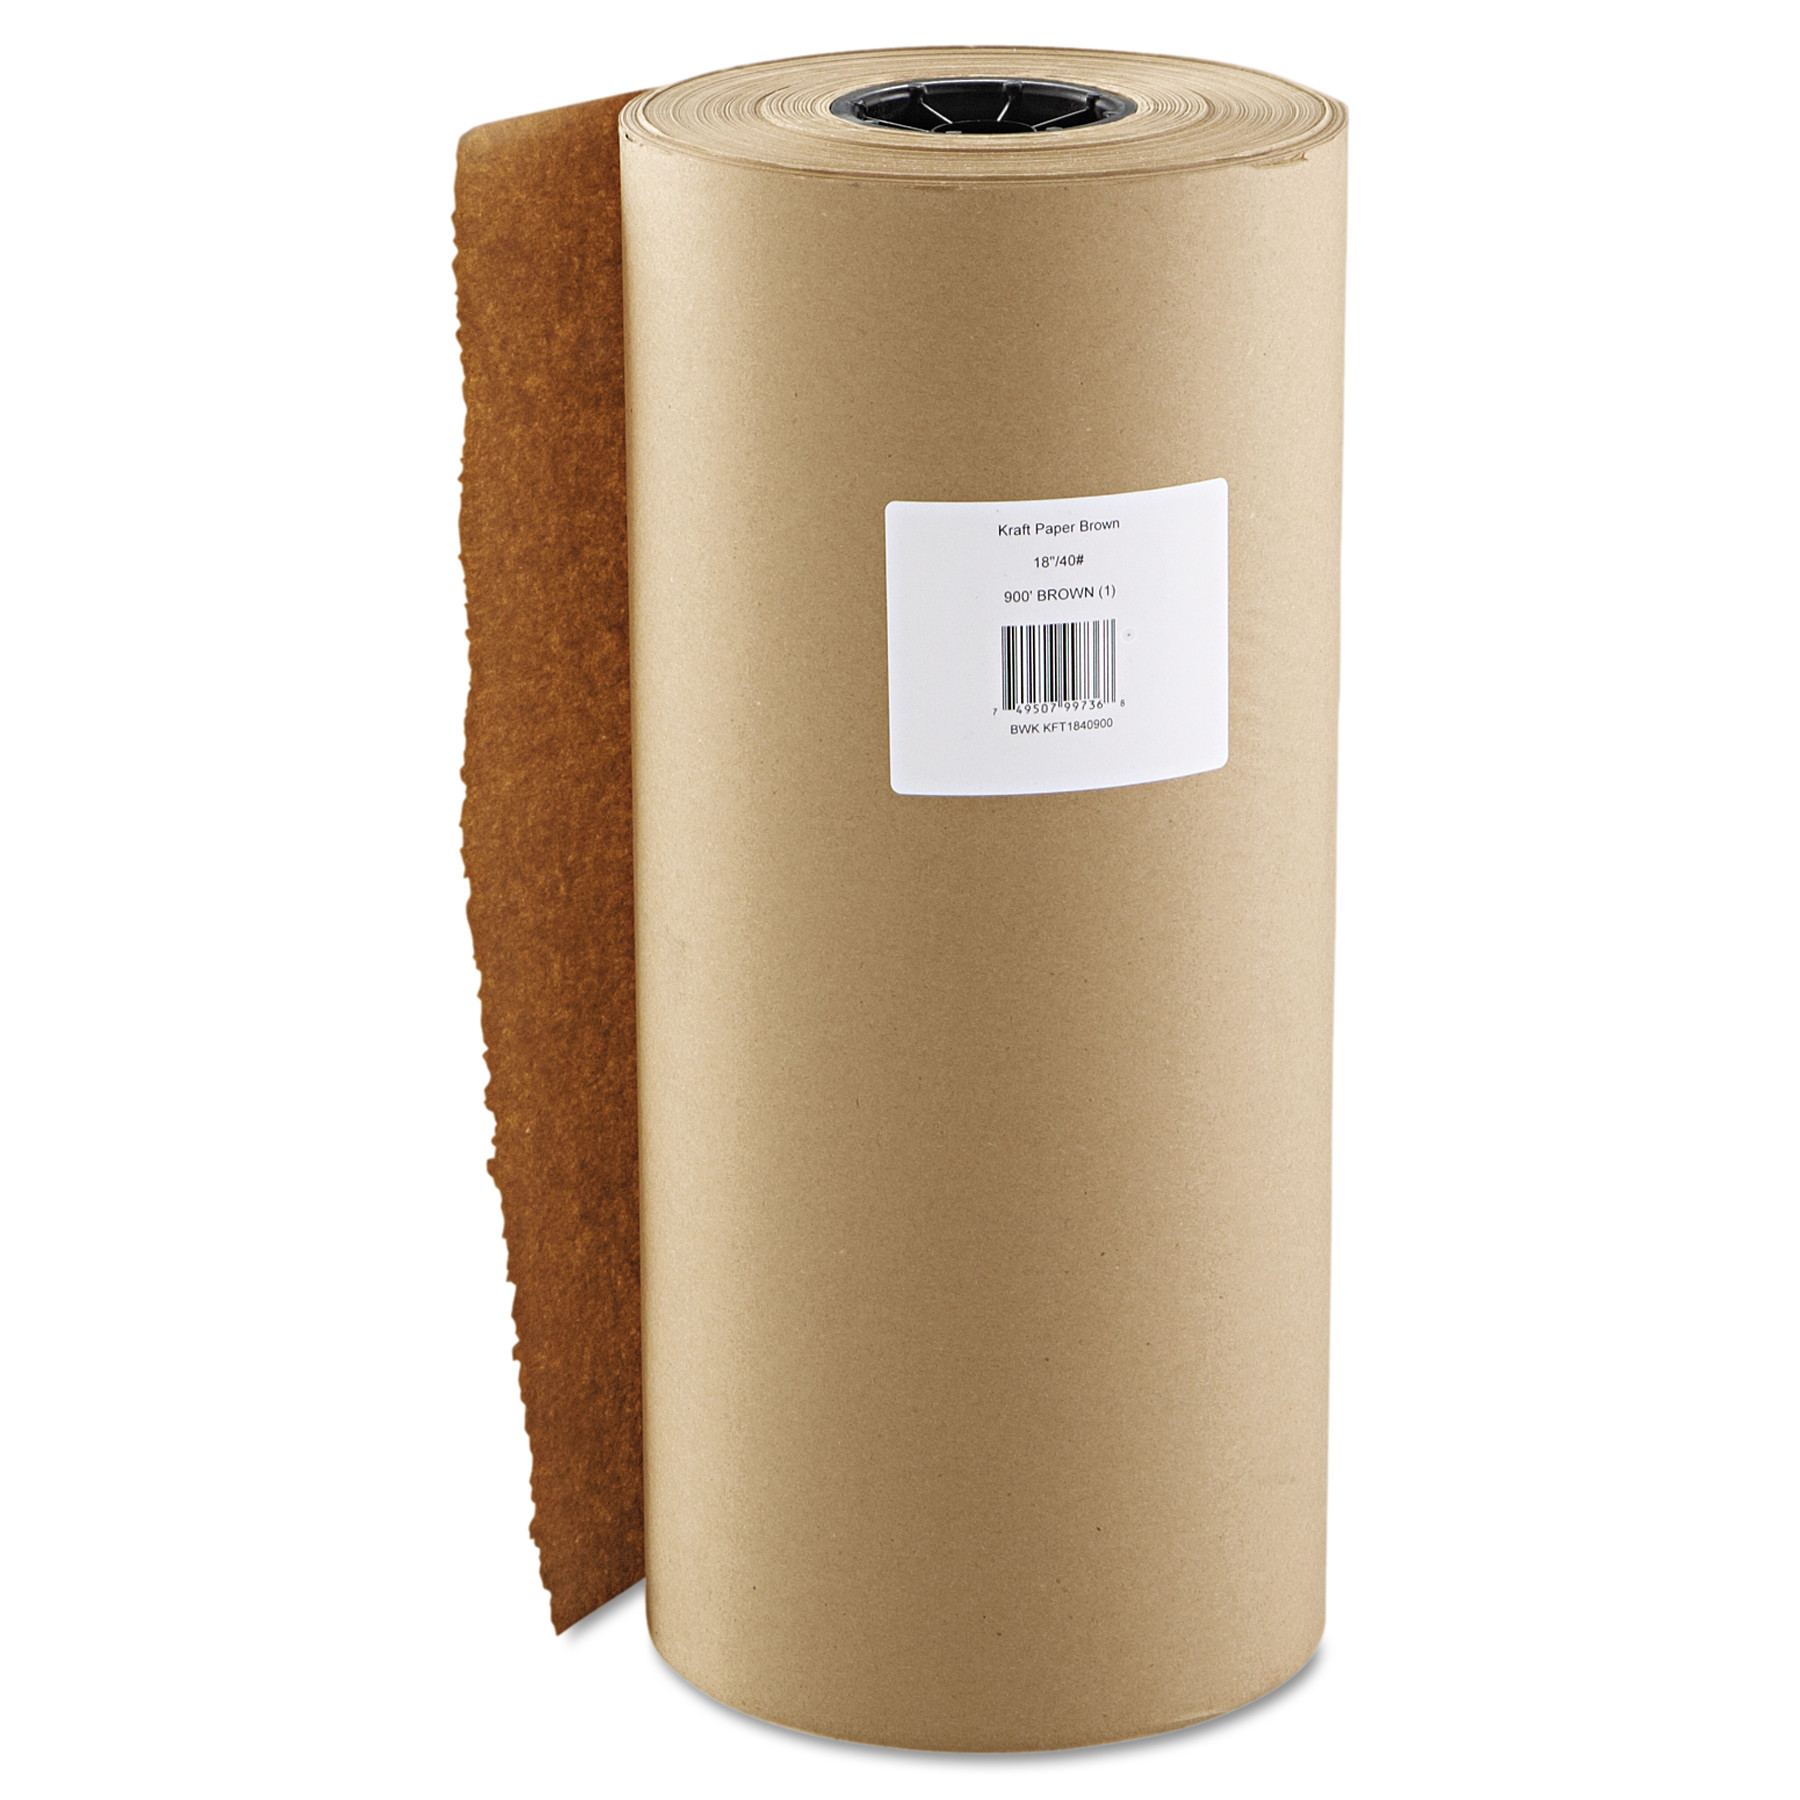 boardwalk kraft paper, 18 in x 900 ft, brown -bwkk1840900 - walmart